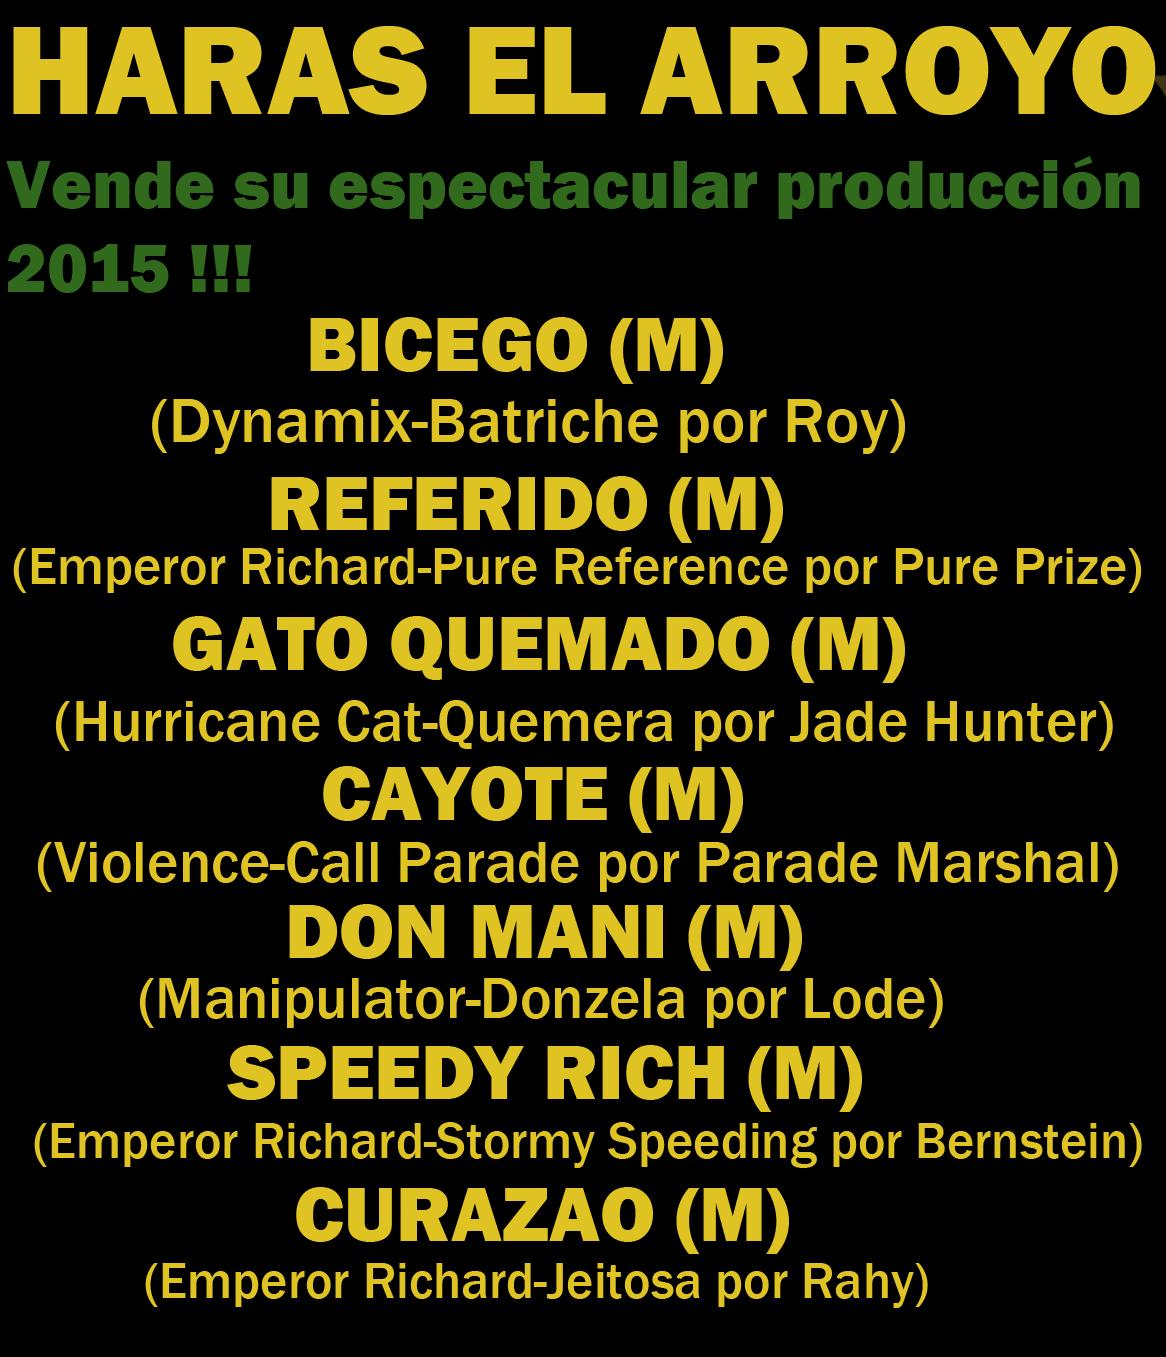 HARAS EL ARROYO 1